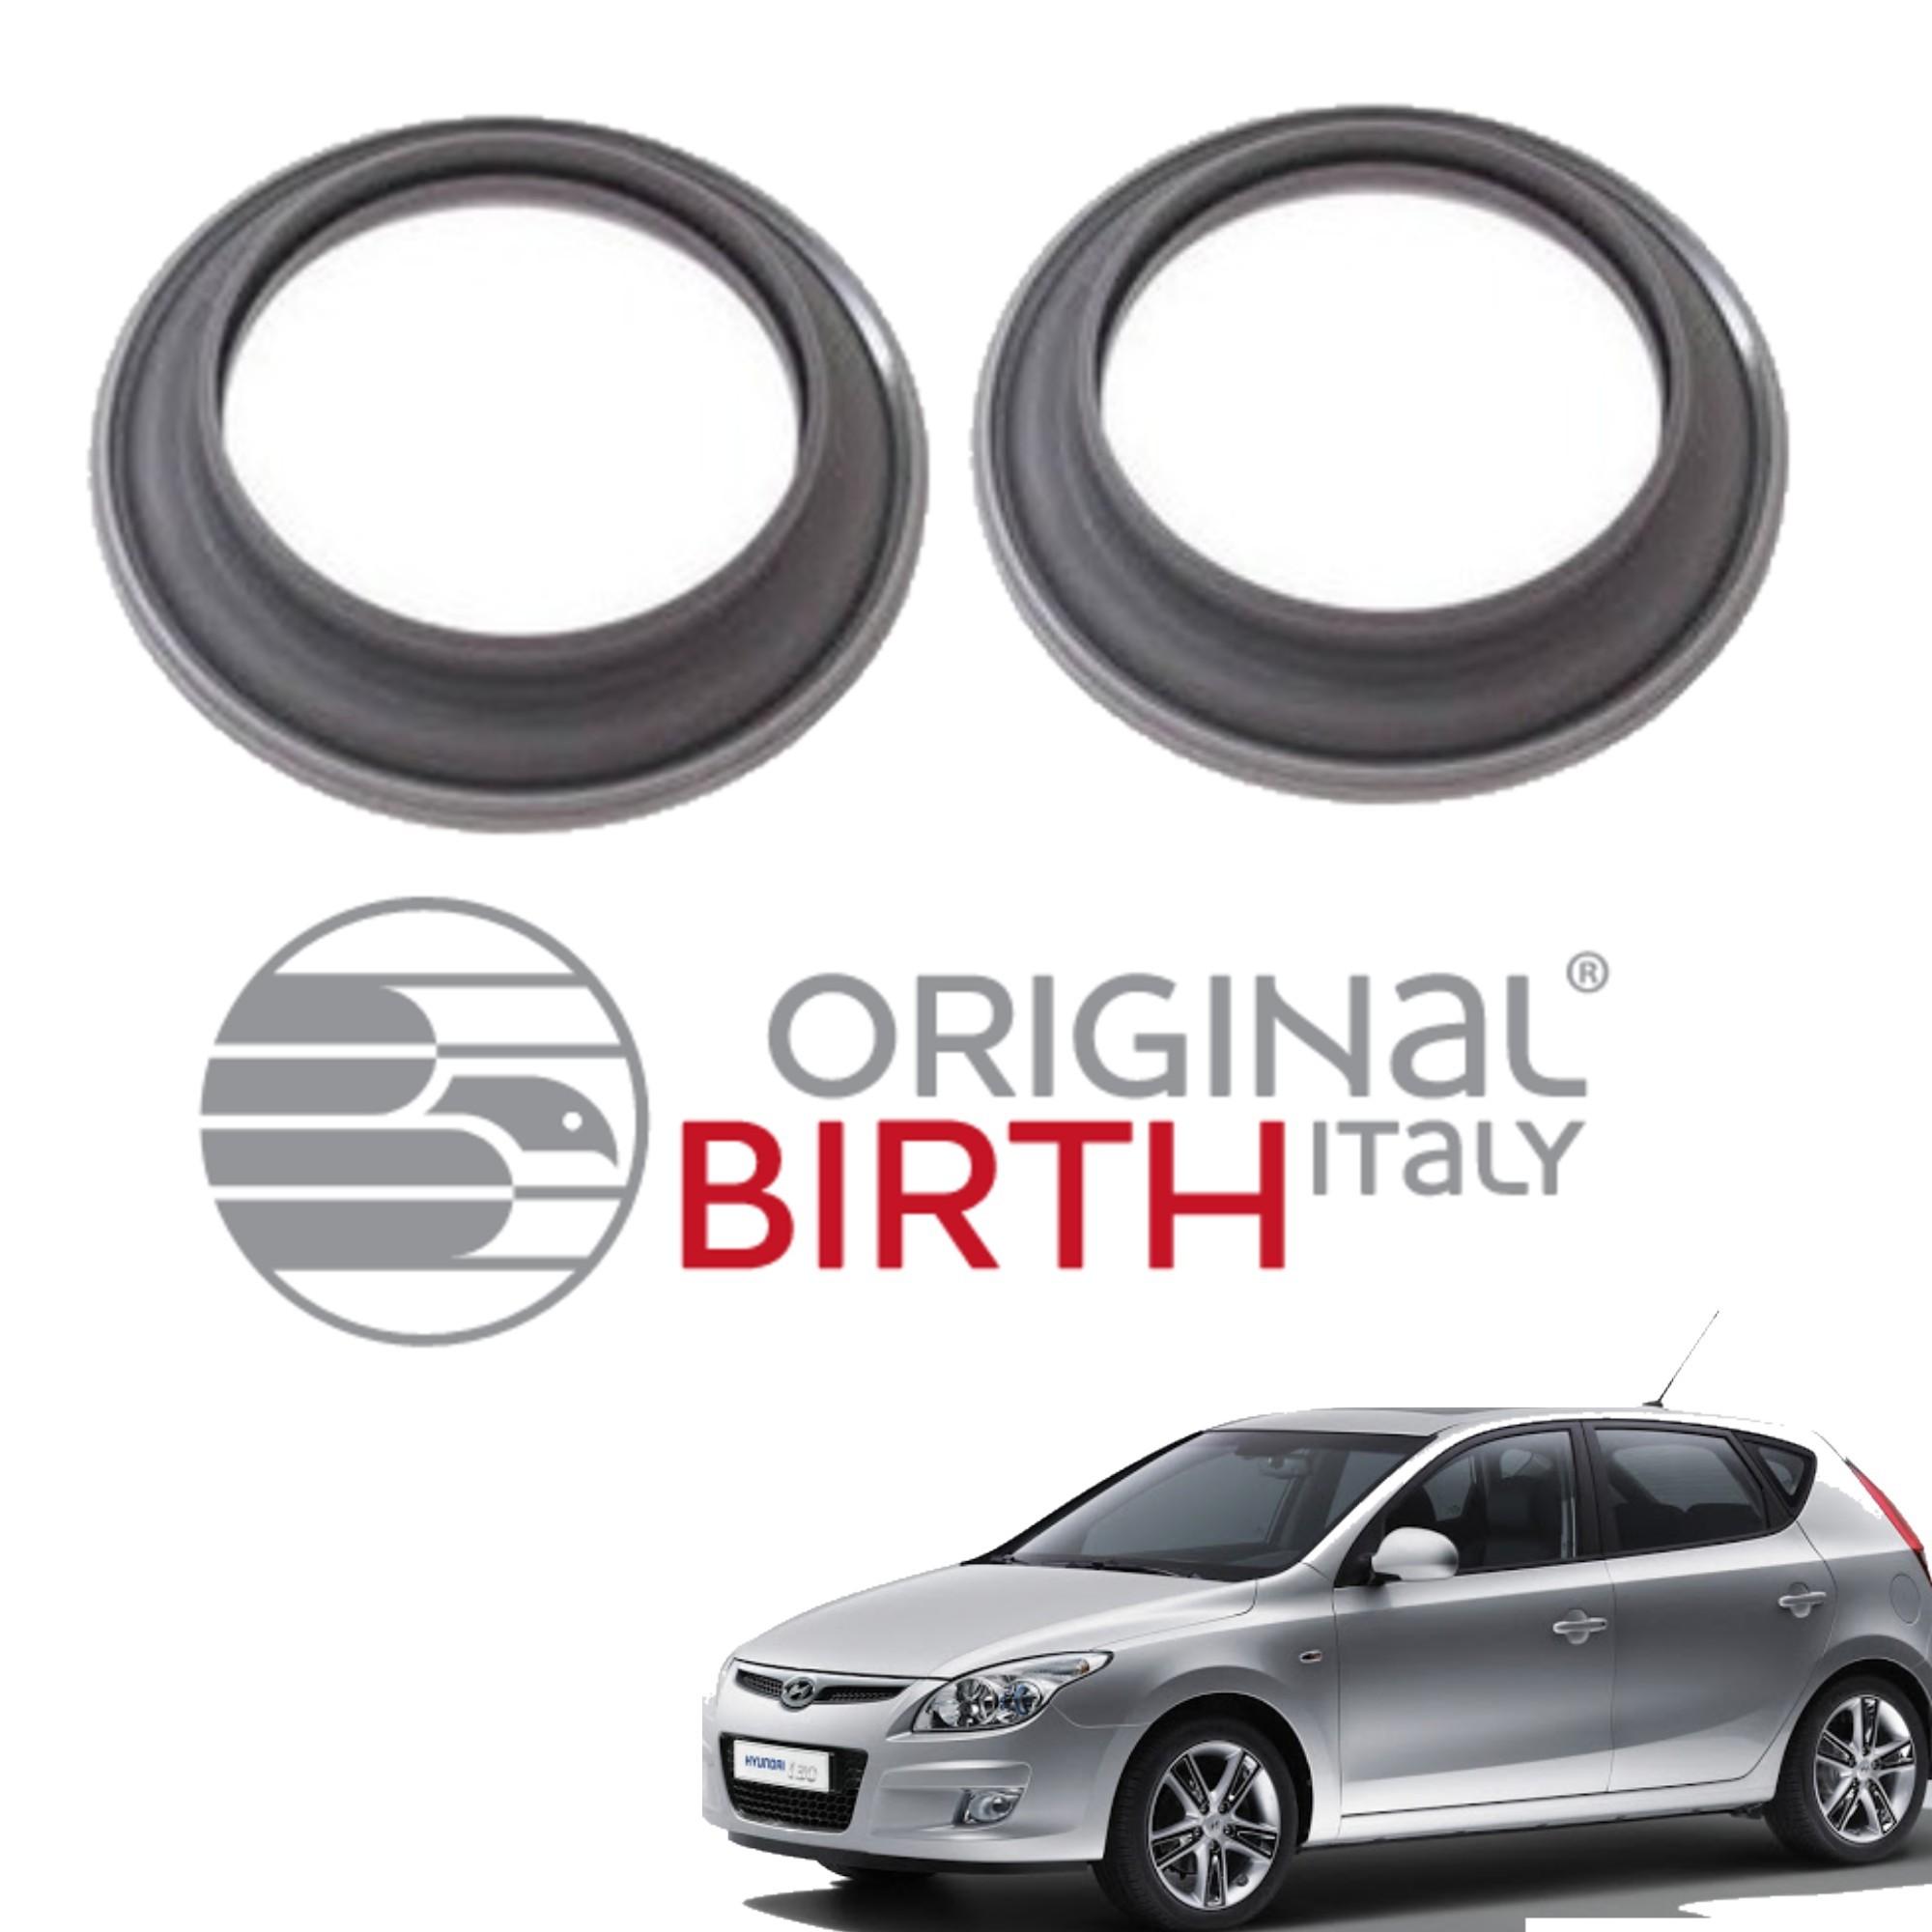 Par Rolamento do Amortecedor Hyundai I30  Birth